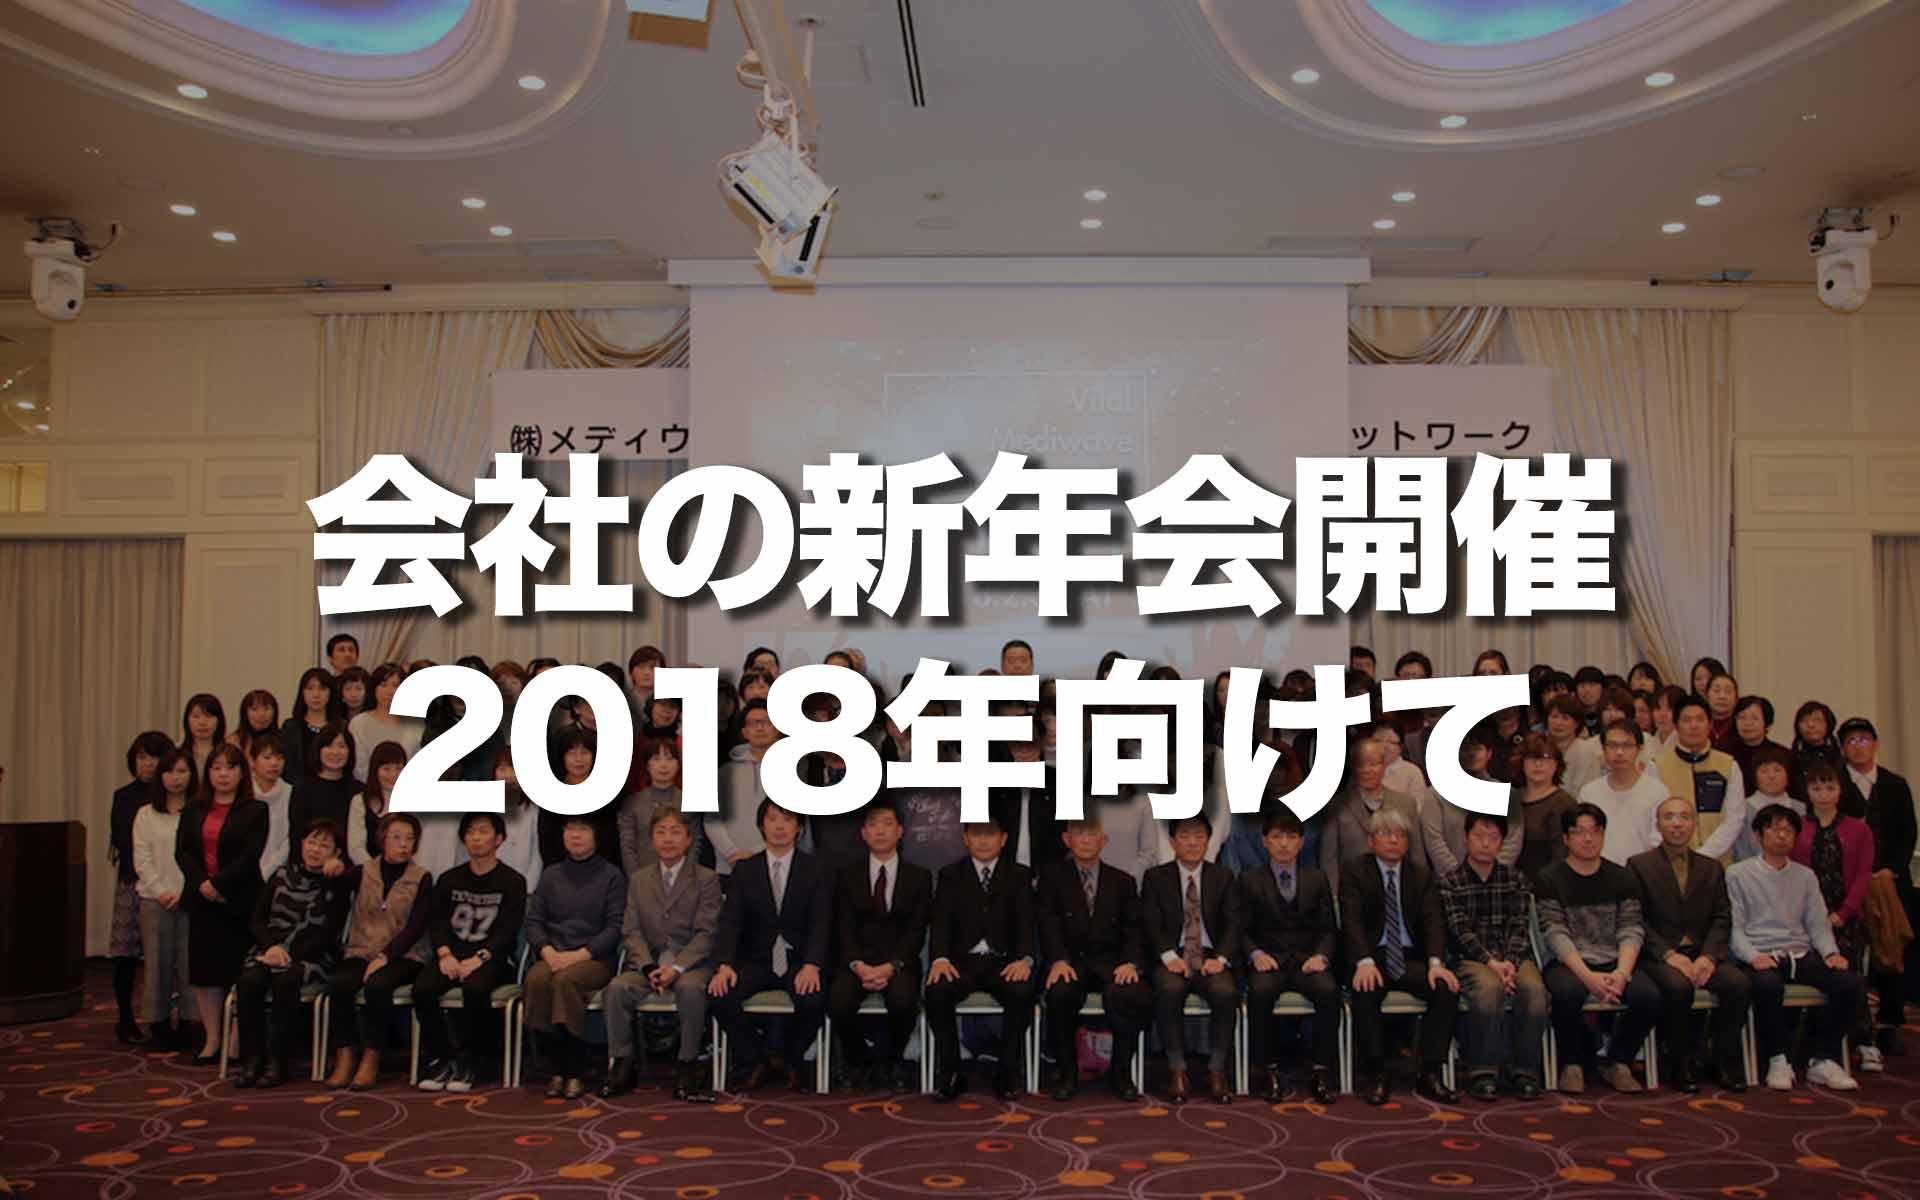 バイタル新年会記事アイキャッチ画像